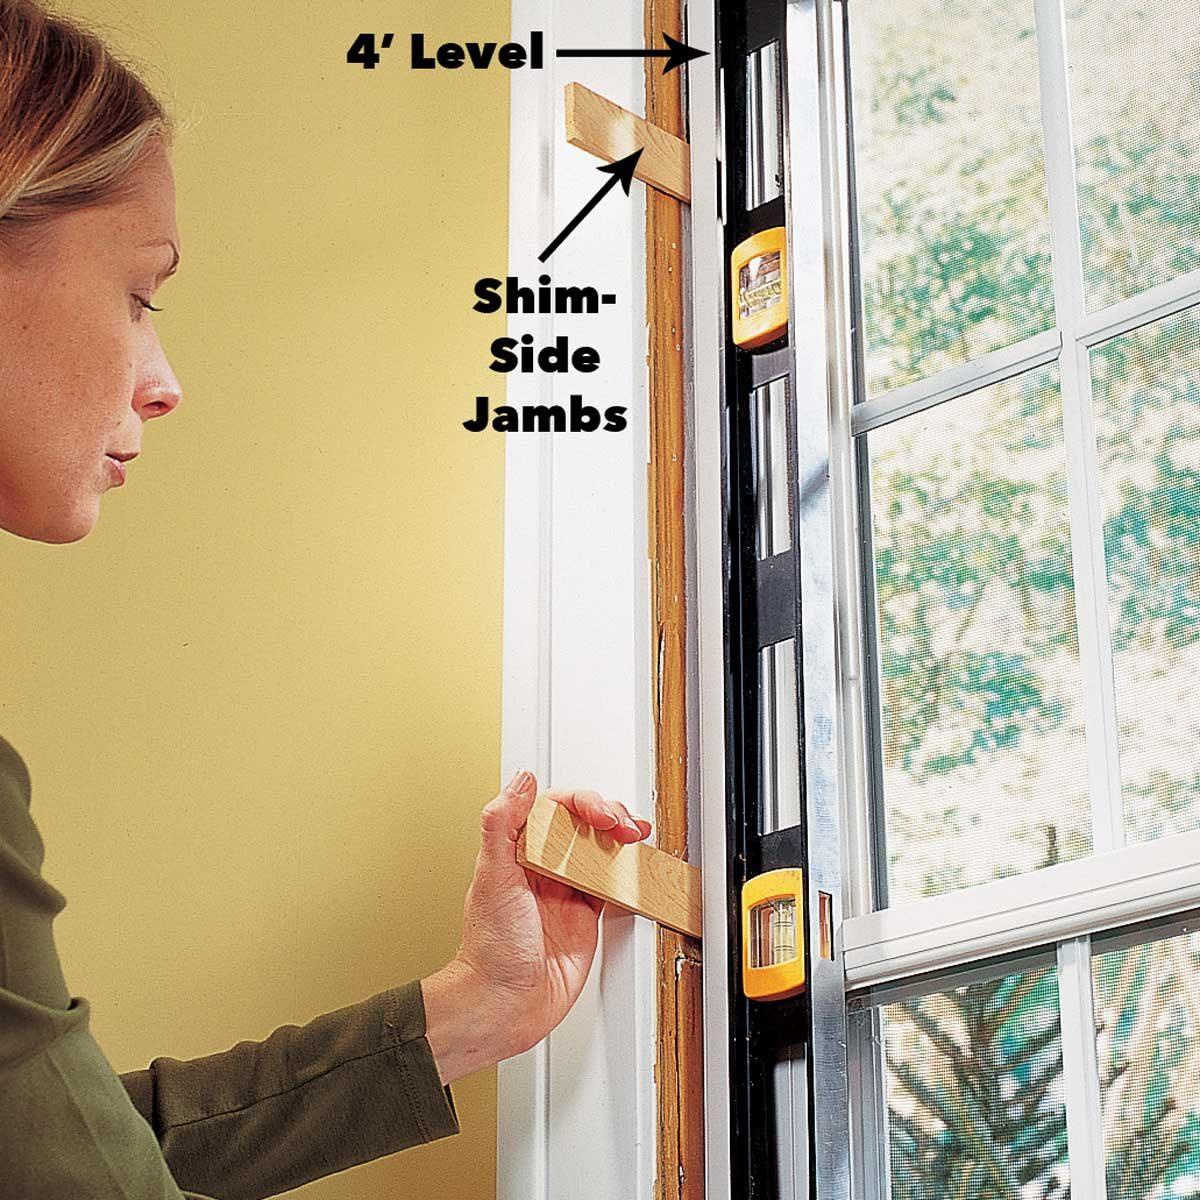 plumb the window